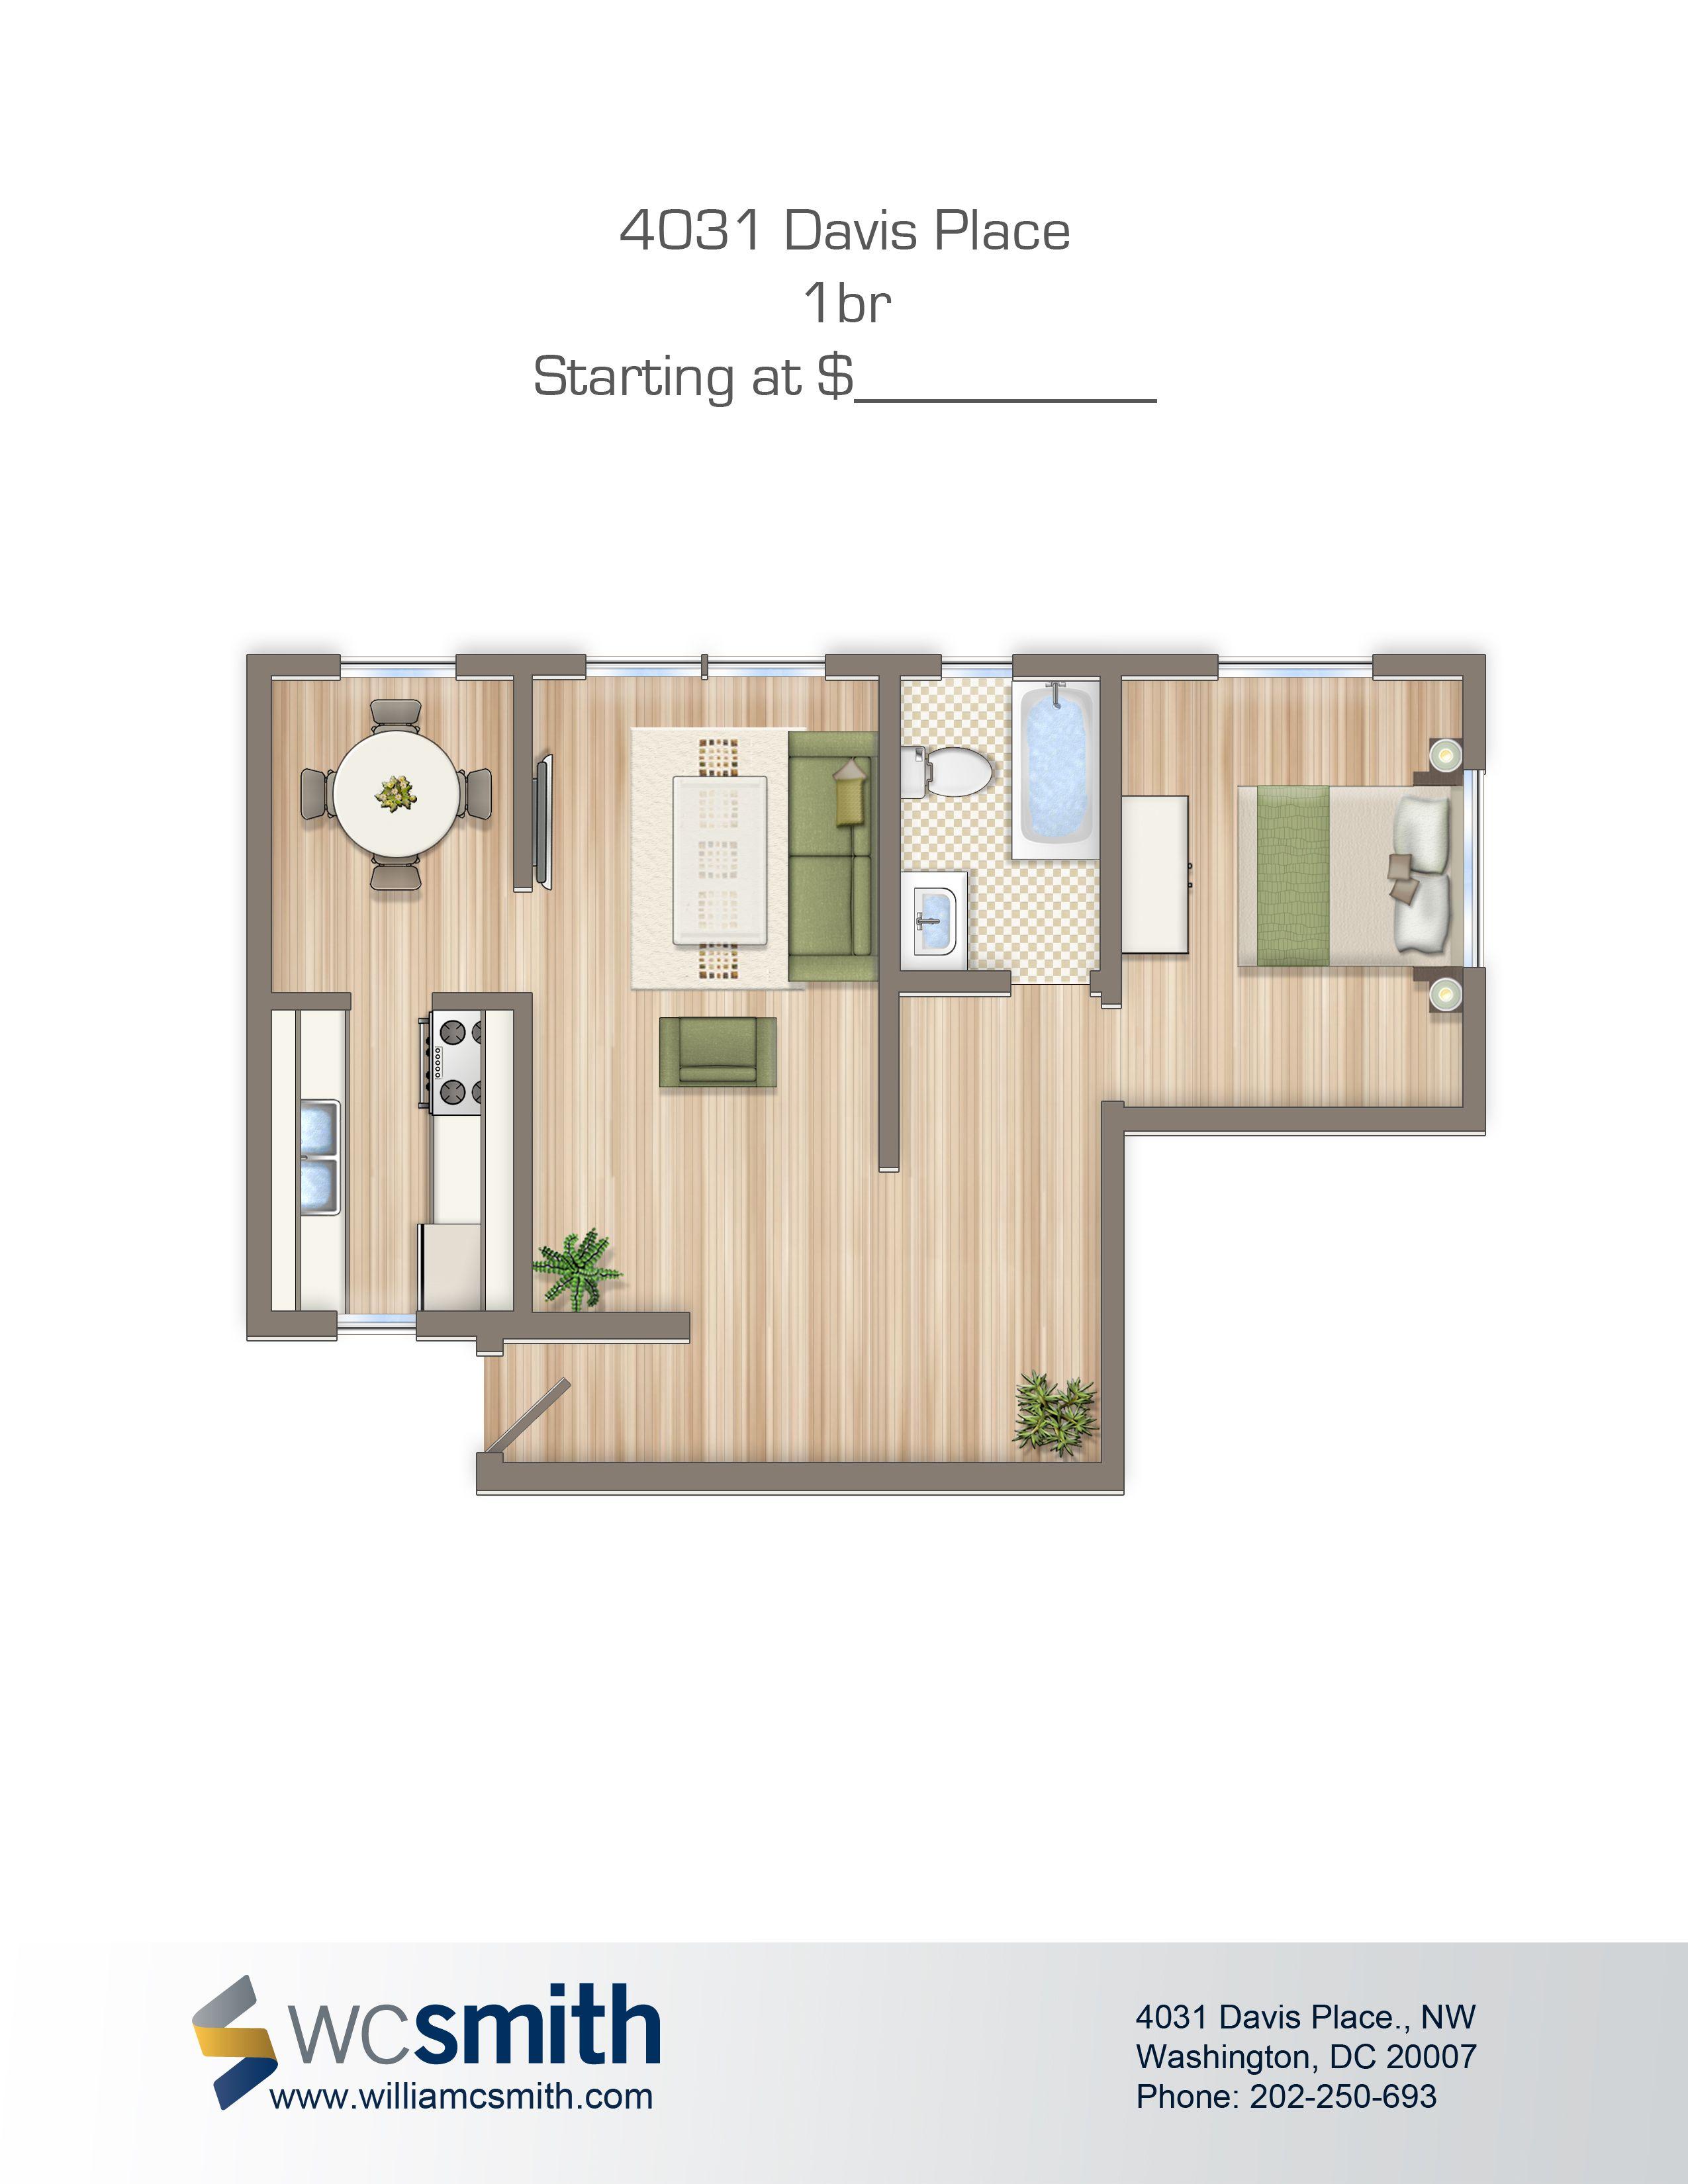 One Bedroom Floor Plan 4031 Davis in Northwest